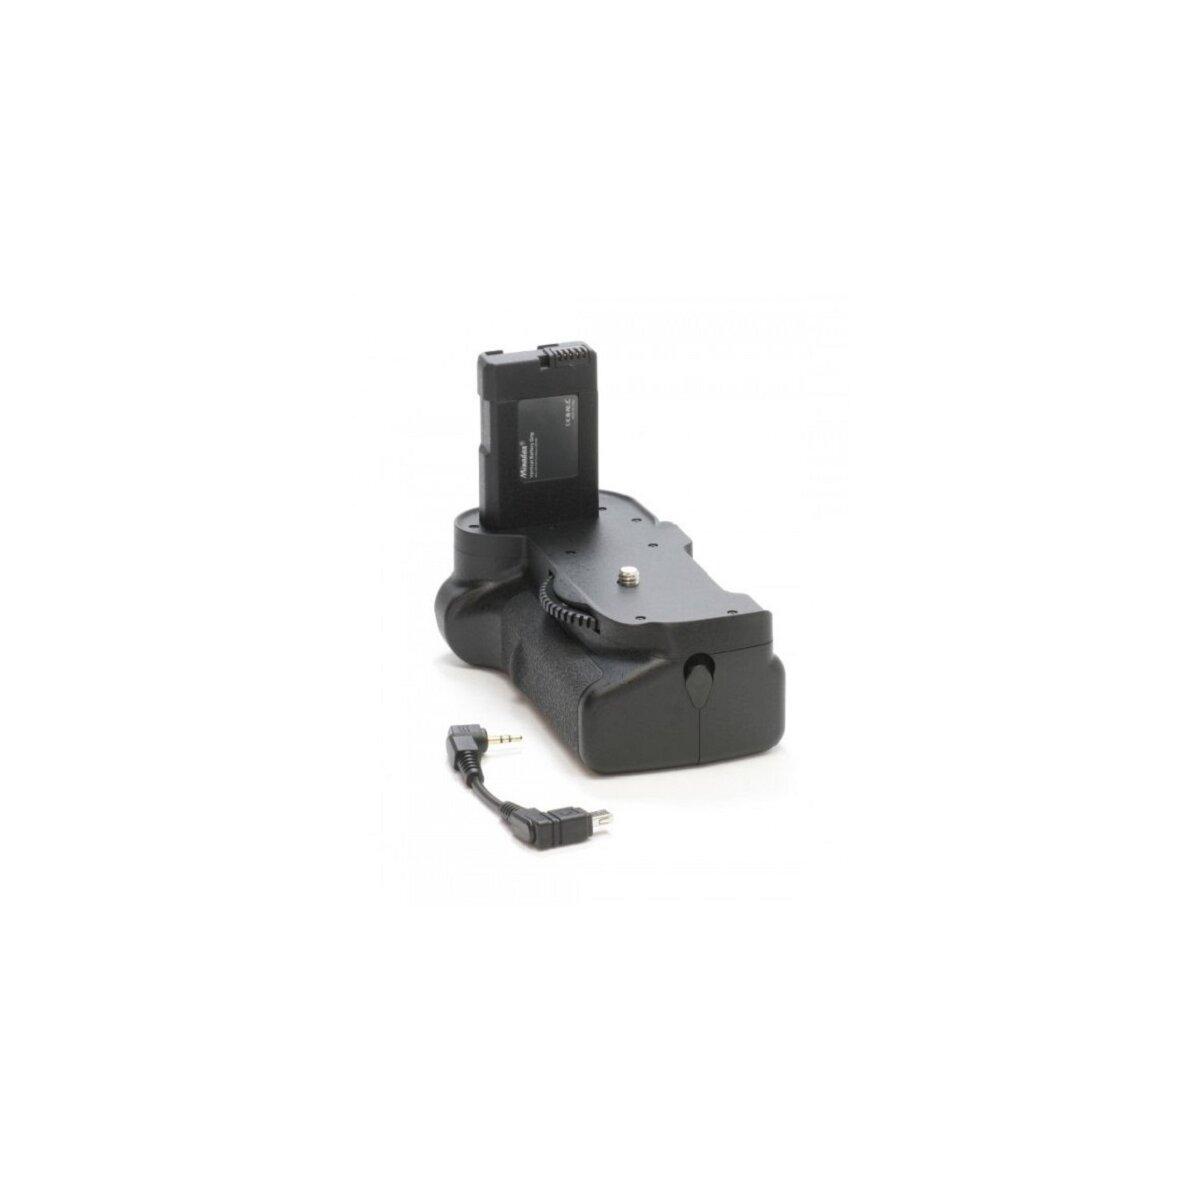 Minadax Profi Batteriegriff kompatibel mit Nikon D5300, D5200, D5100 - hochwertiger Handgriff mit Hochformatauslöser für 2x EN-EL14 Akkus